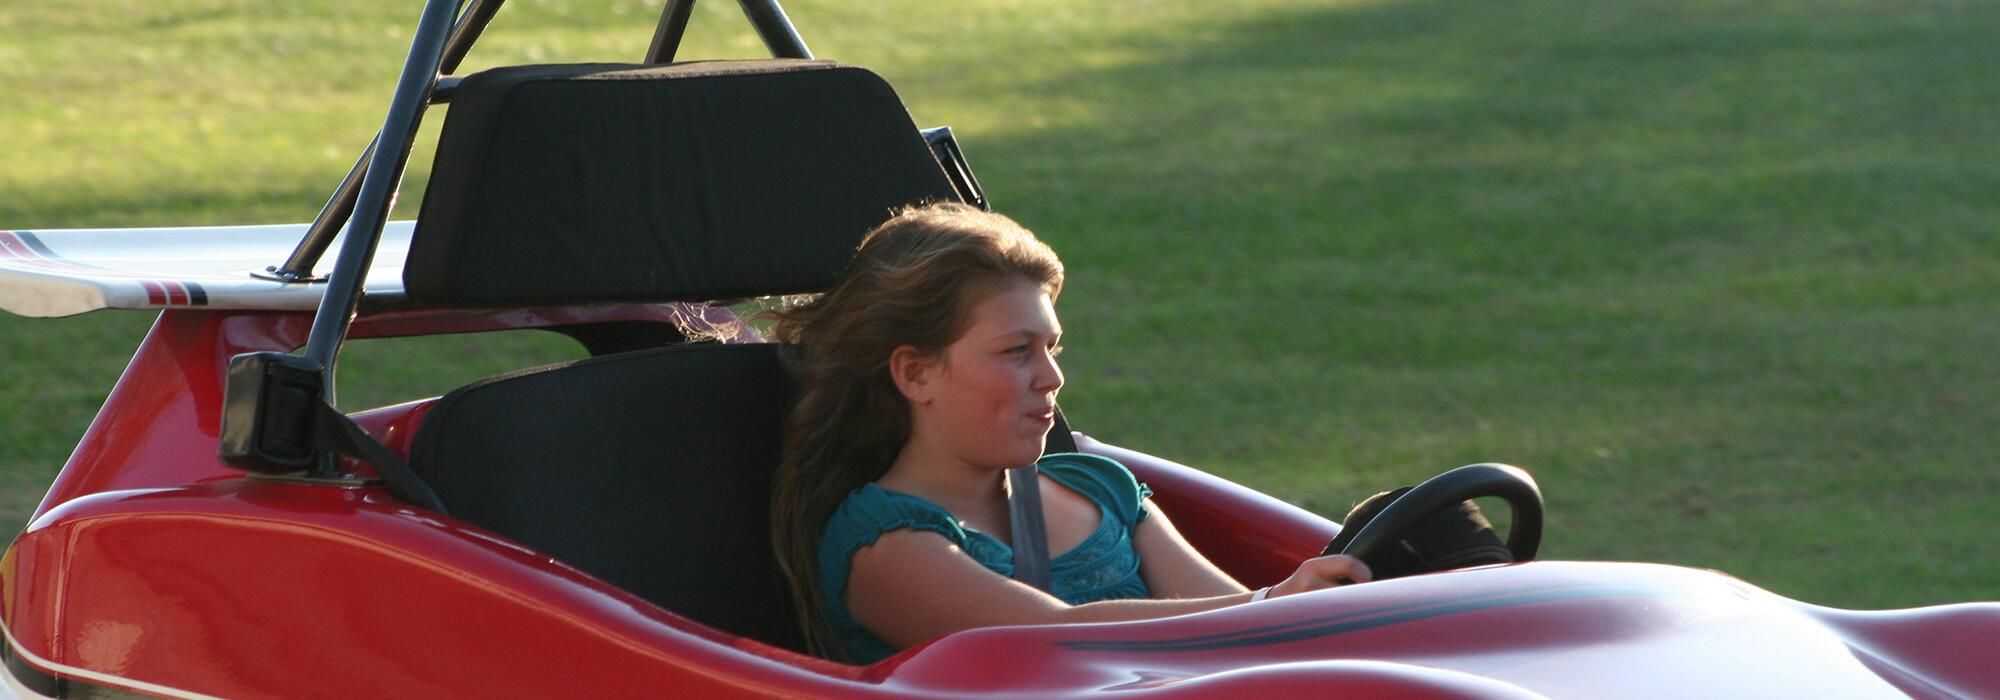 Go Karts | Beech Bend Amusement Park - Bowling Green, KY